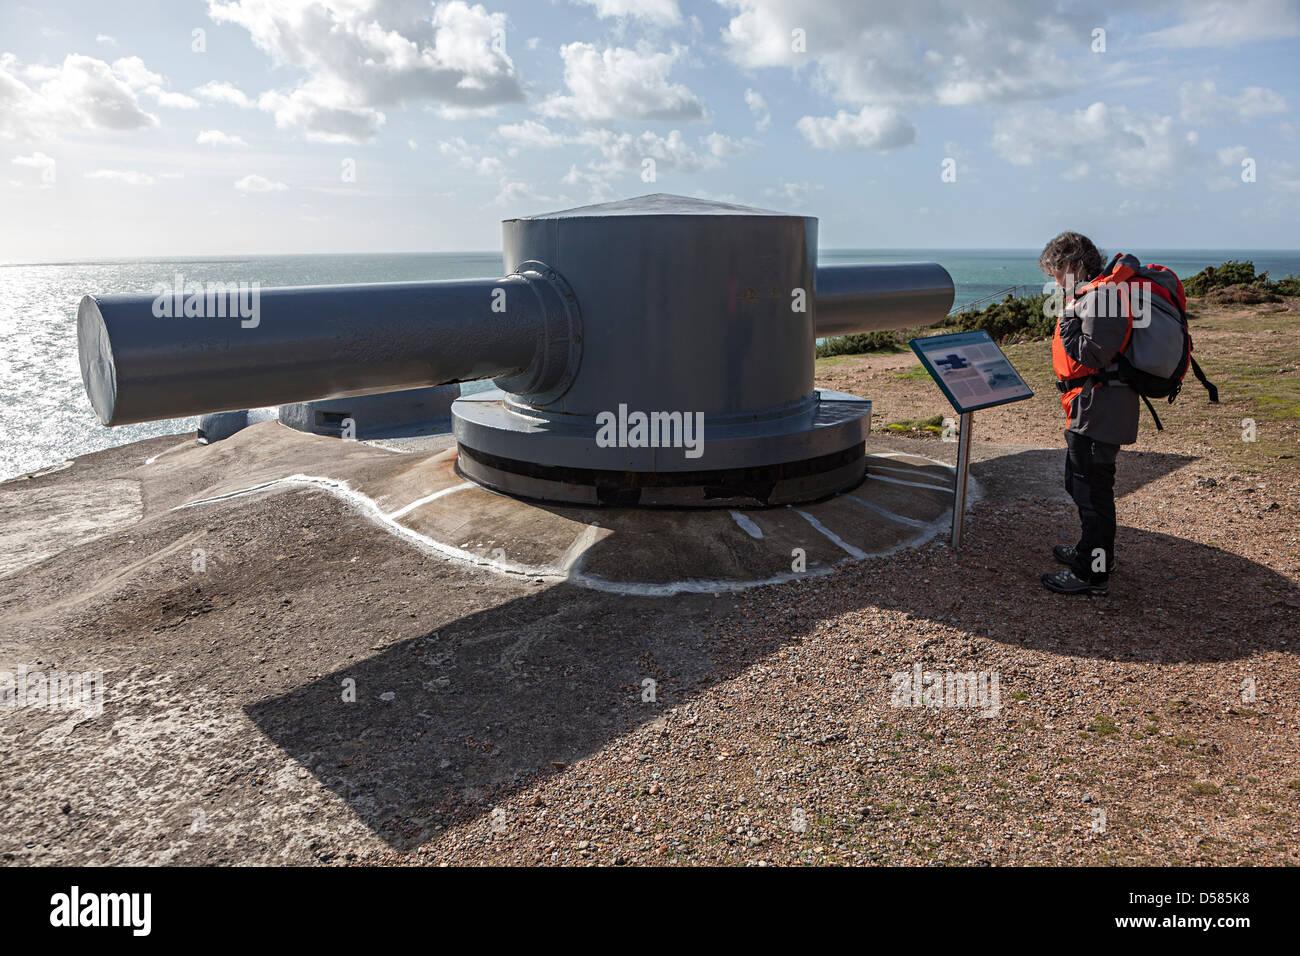 Entfernungsmesser Panzer : Frau liest hinweisschild für gepanzerte stereoskopische